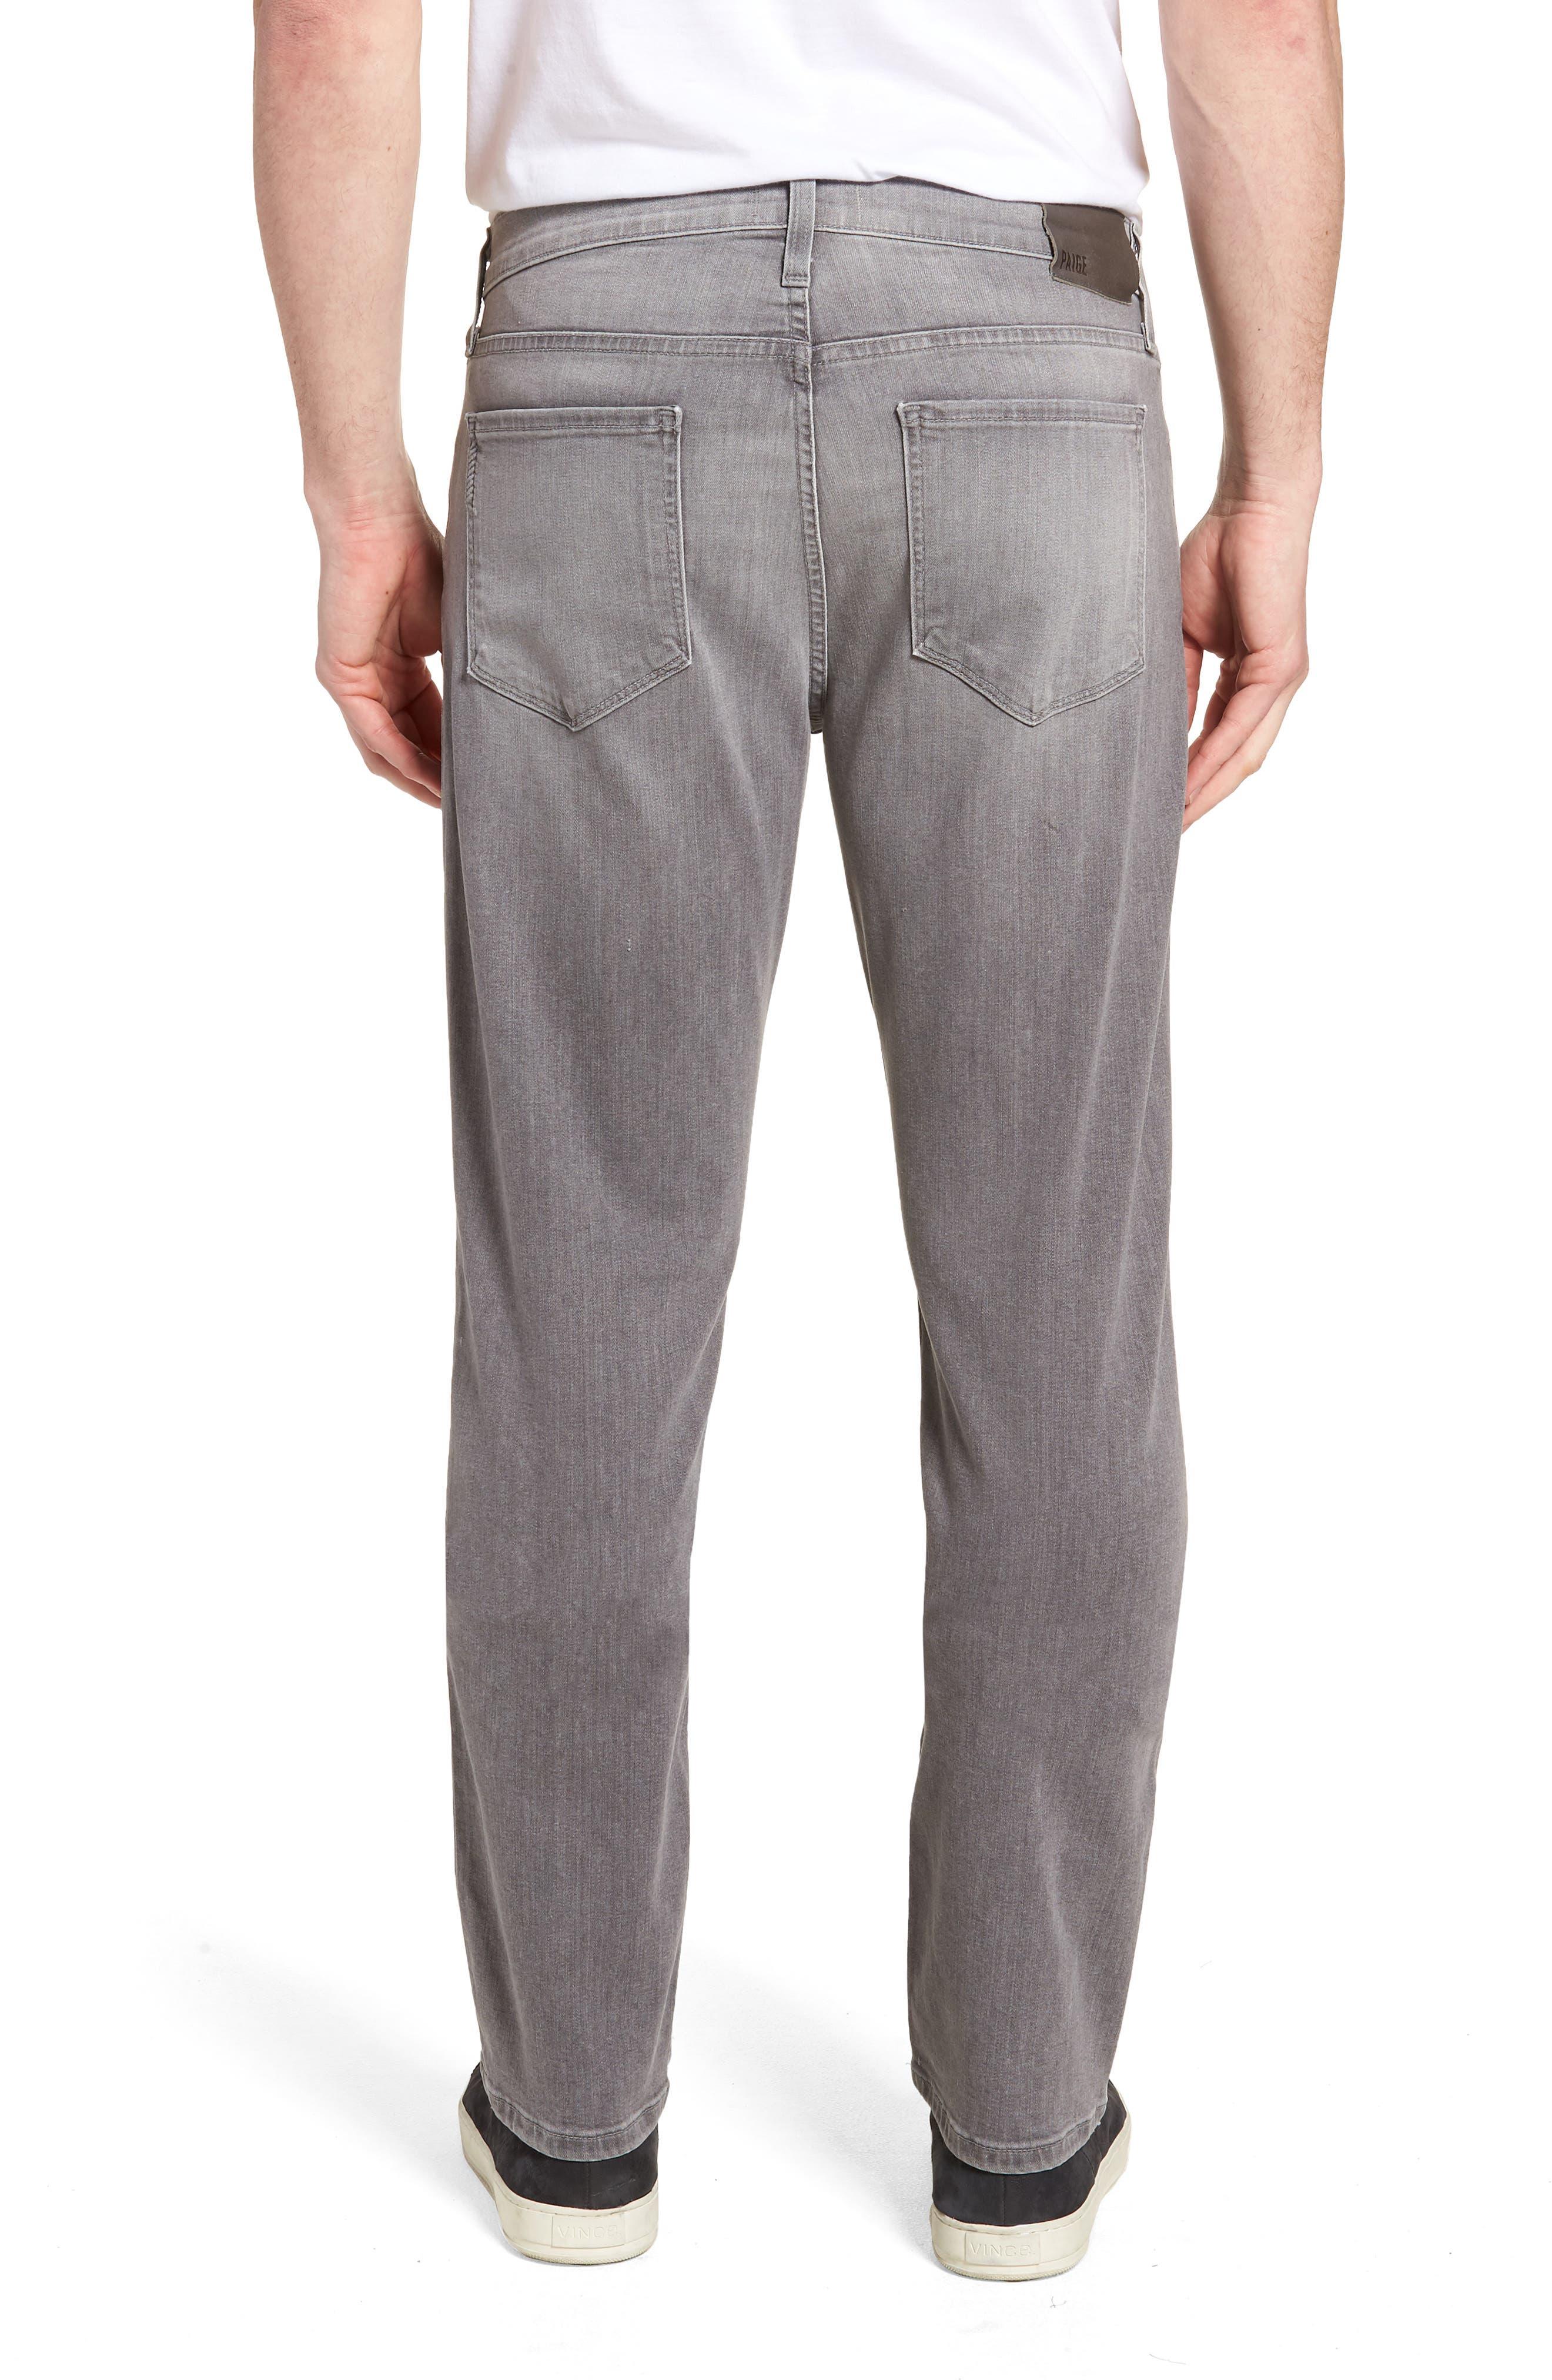 Normandie Straight Leg Jeans,                             Alternate thumbnail 2, color,                             Annex